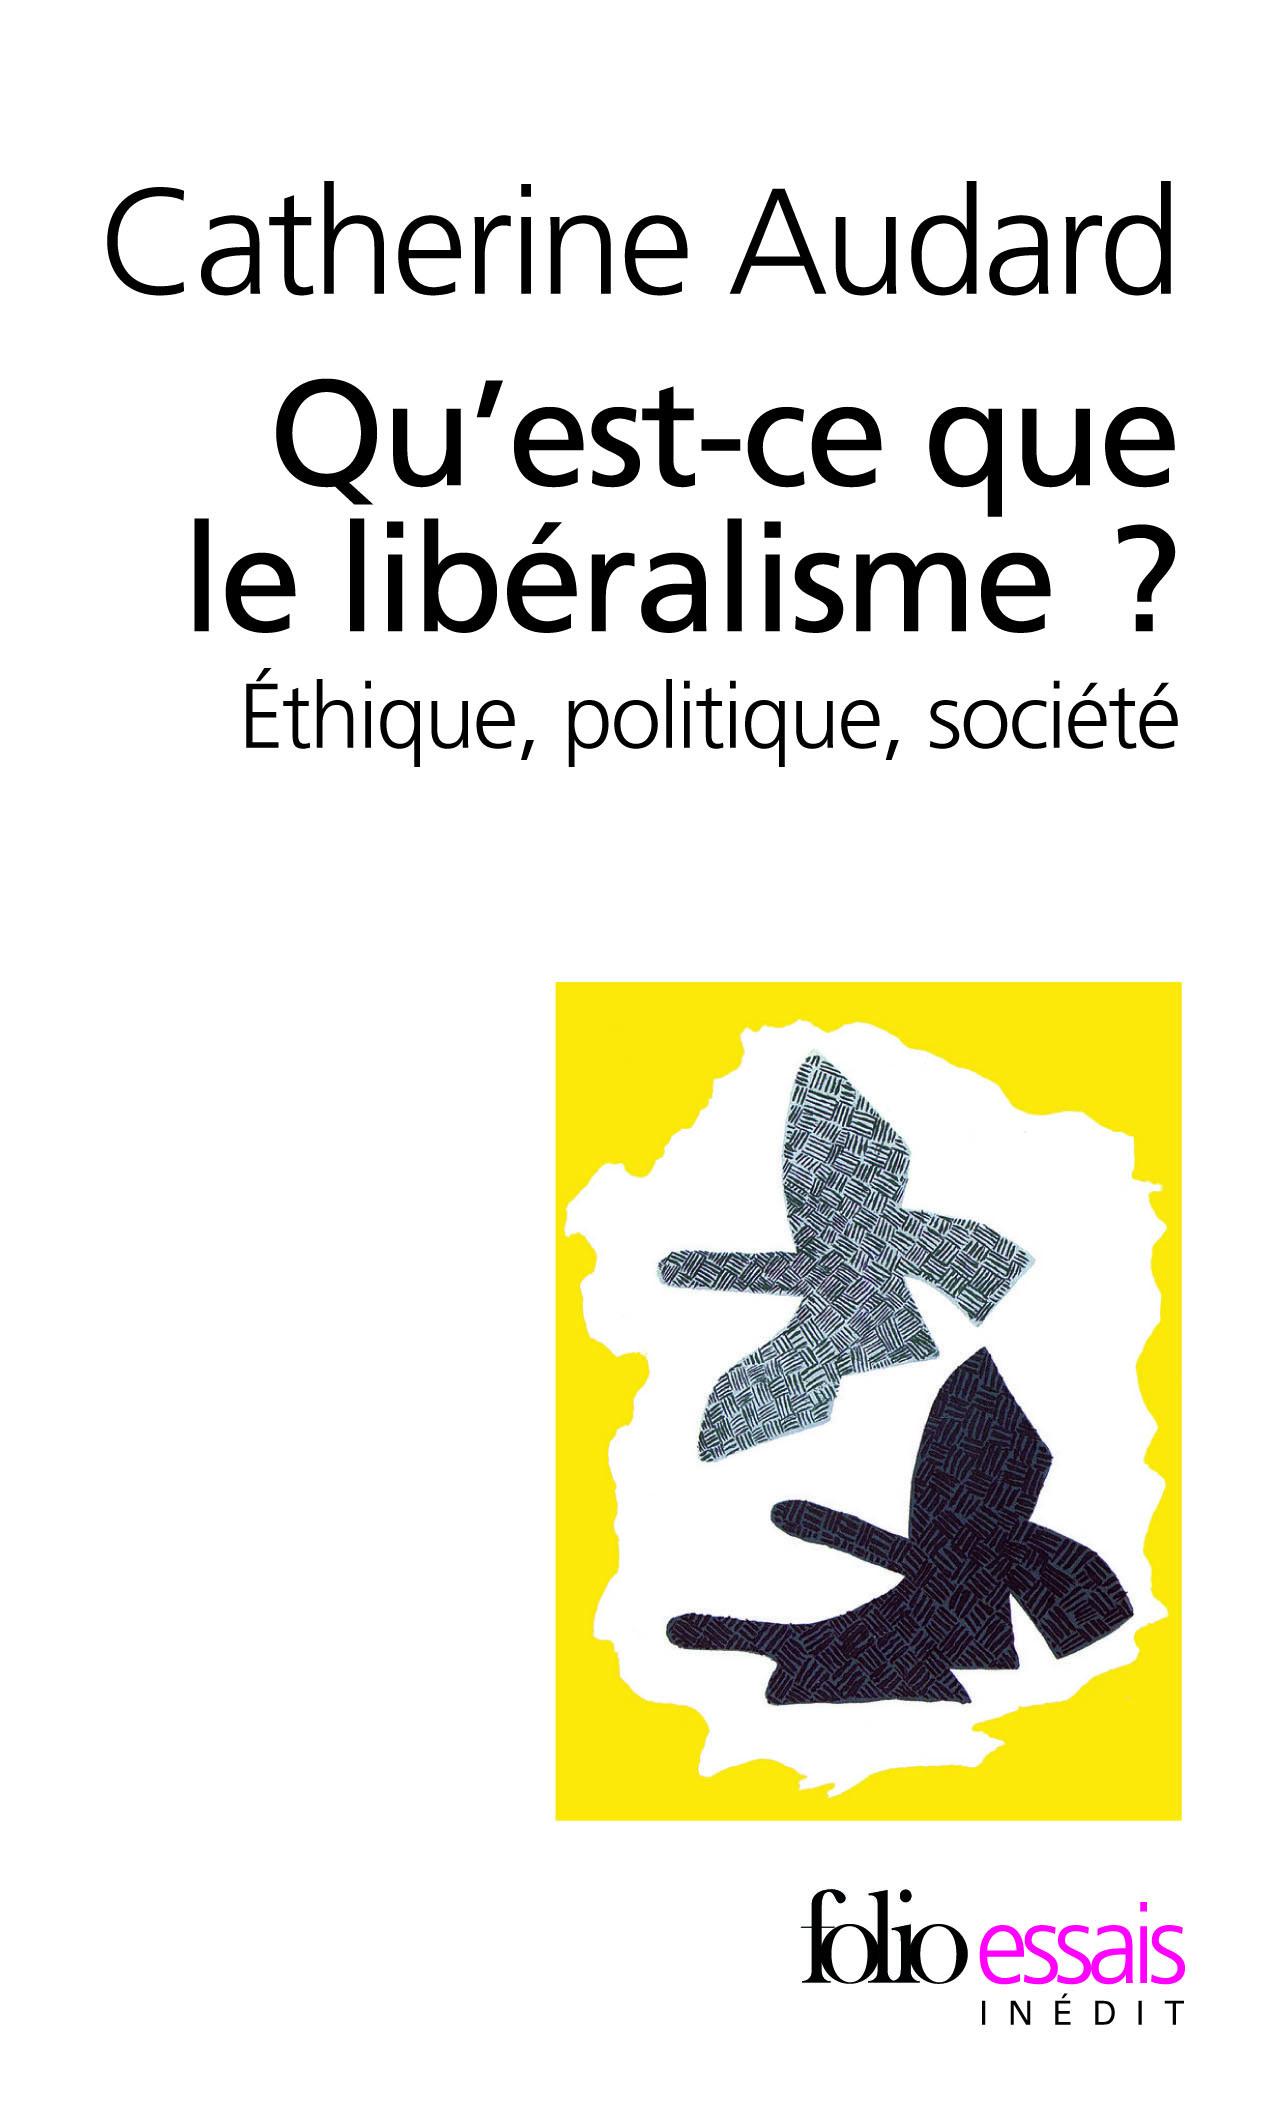 QU'EST-CE QUE LE LIBERALISME ? ETHIQUE, POLITIQUE, SOCIETE